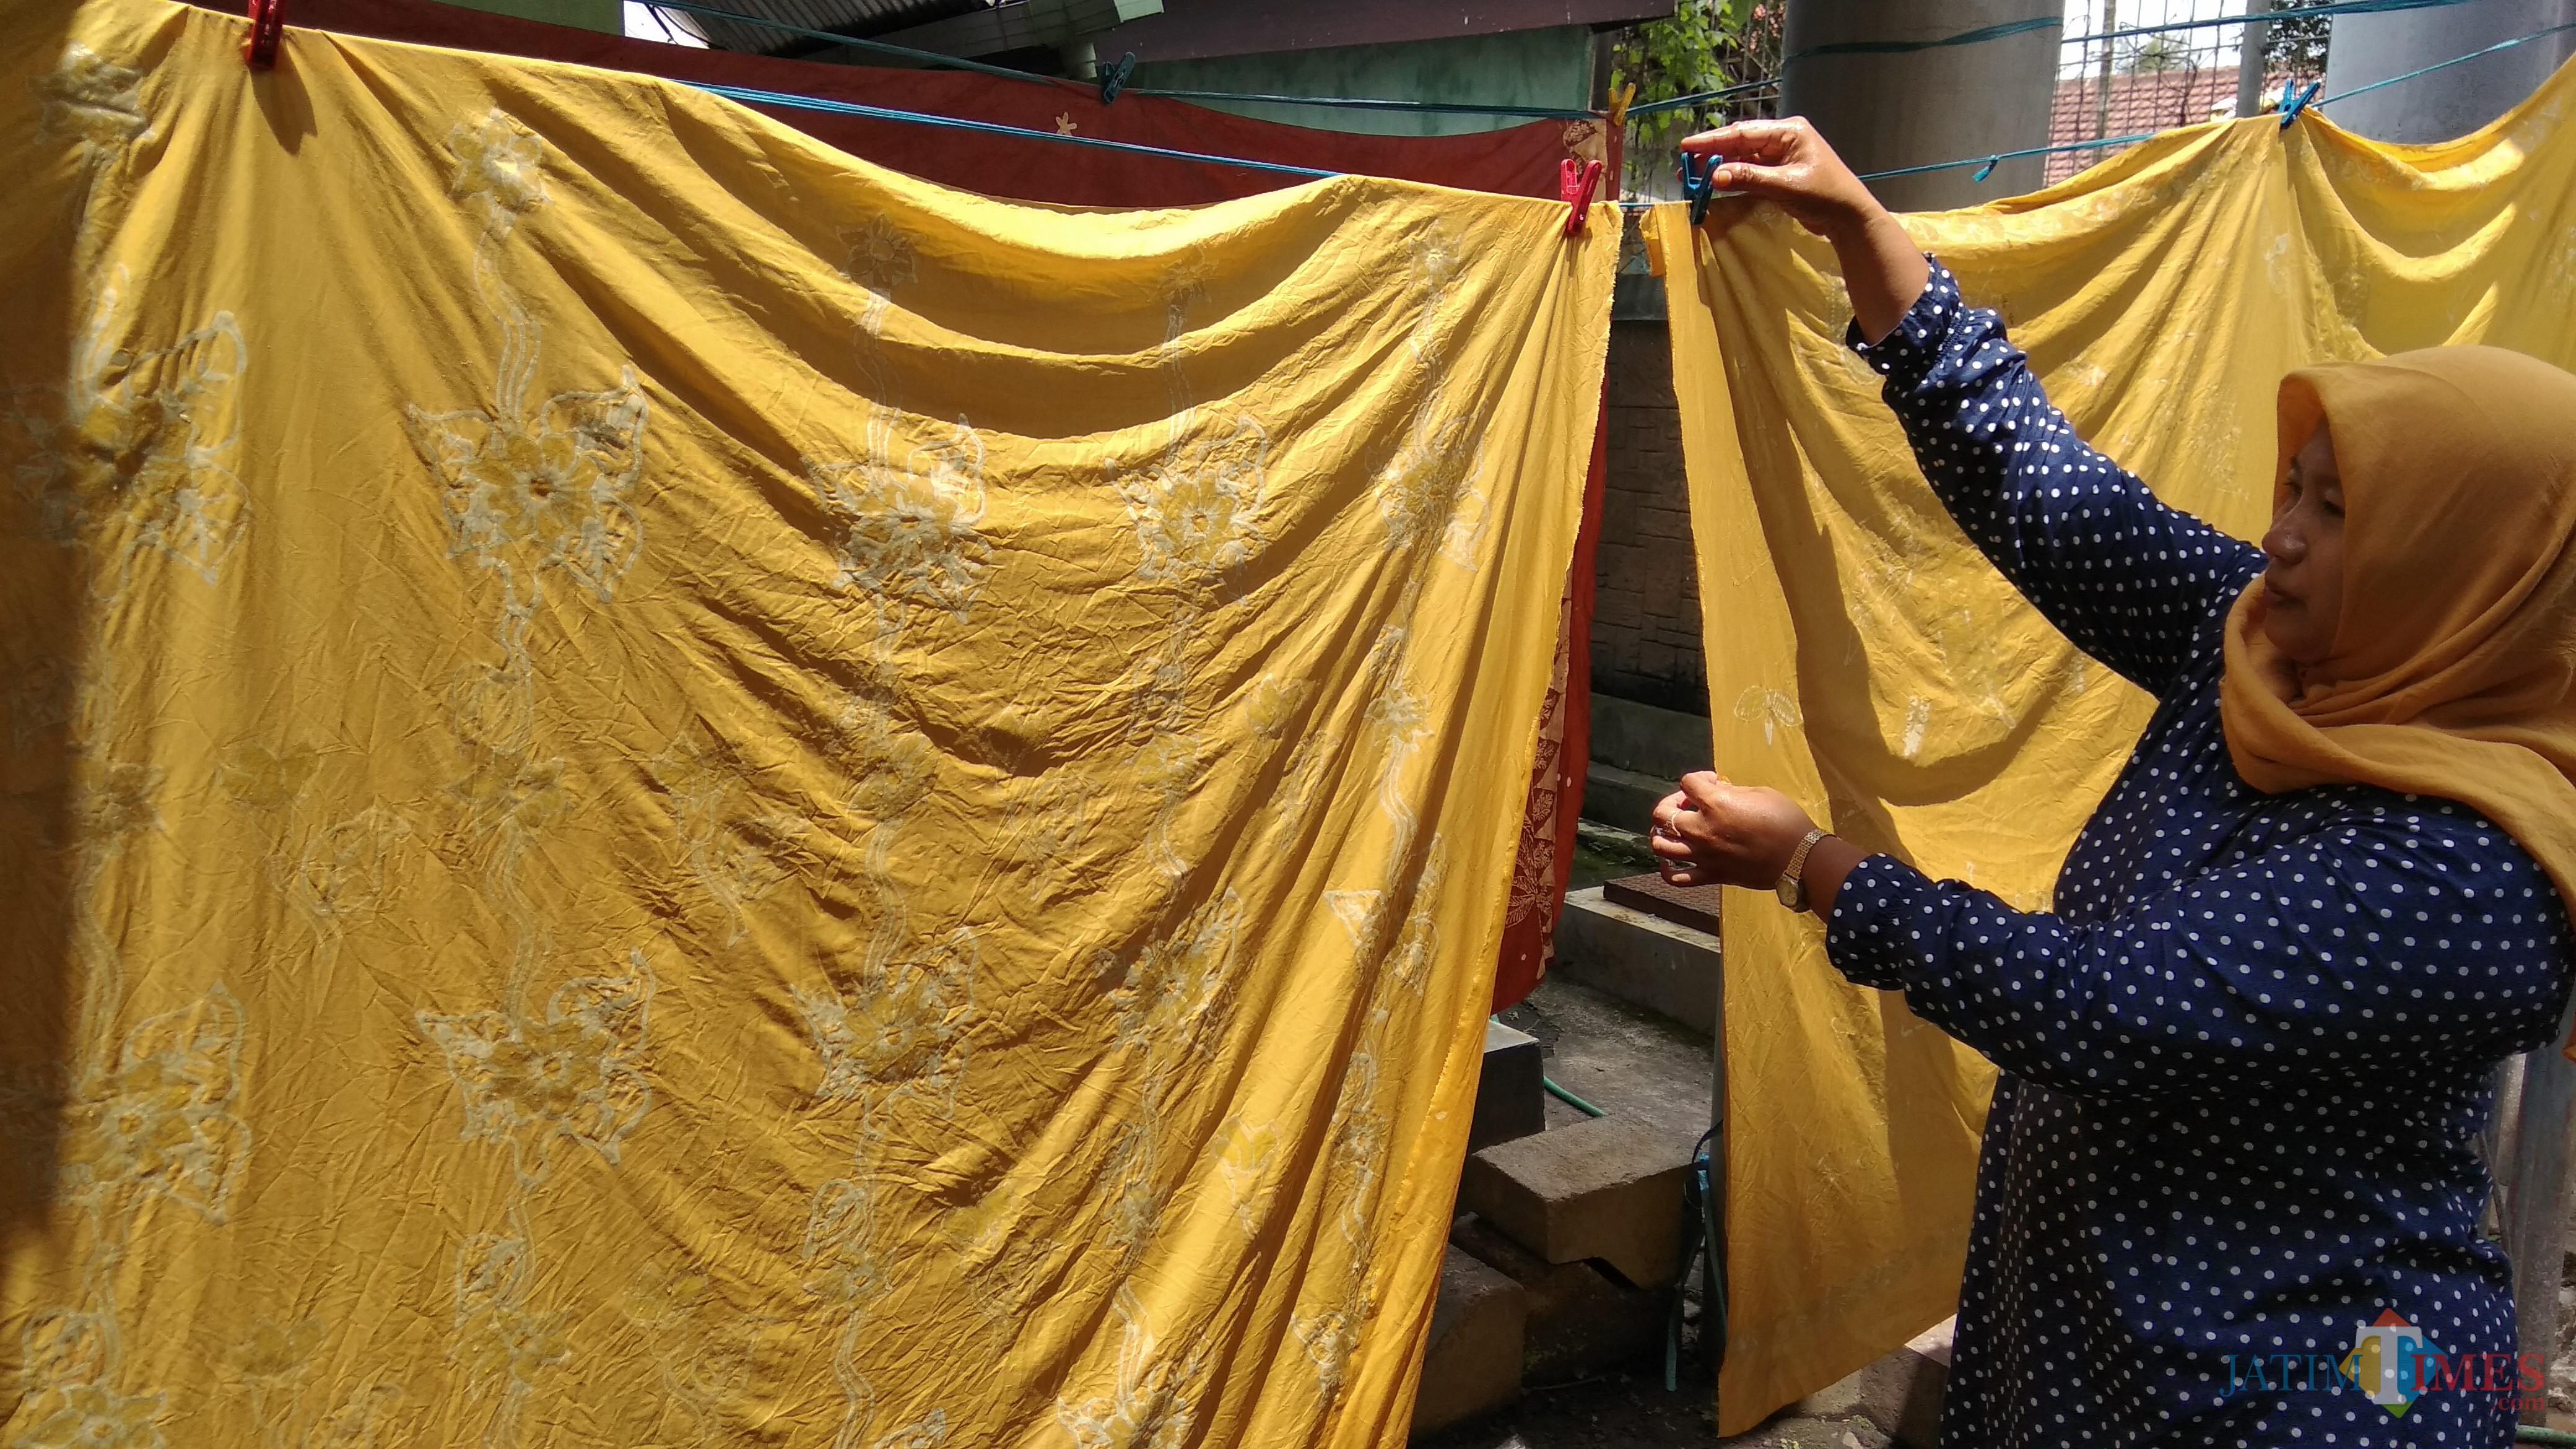 Peserta pelatihan tengah menjemur kain batik tulis yang menggunakan pewarna alami. (Foto: Nurlayla Ratri/MalangTIMES)